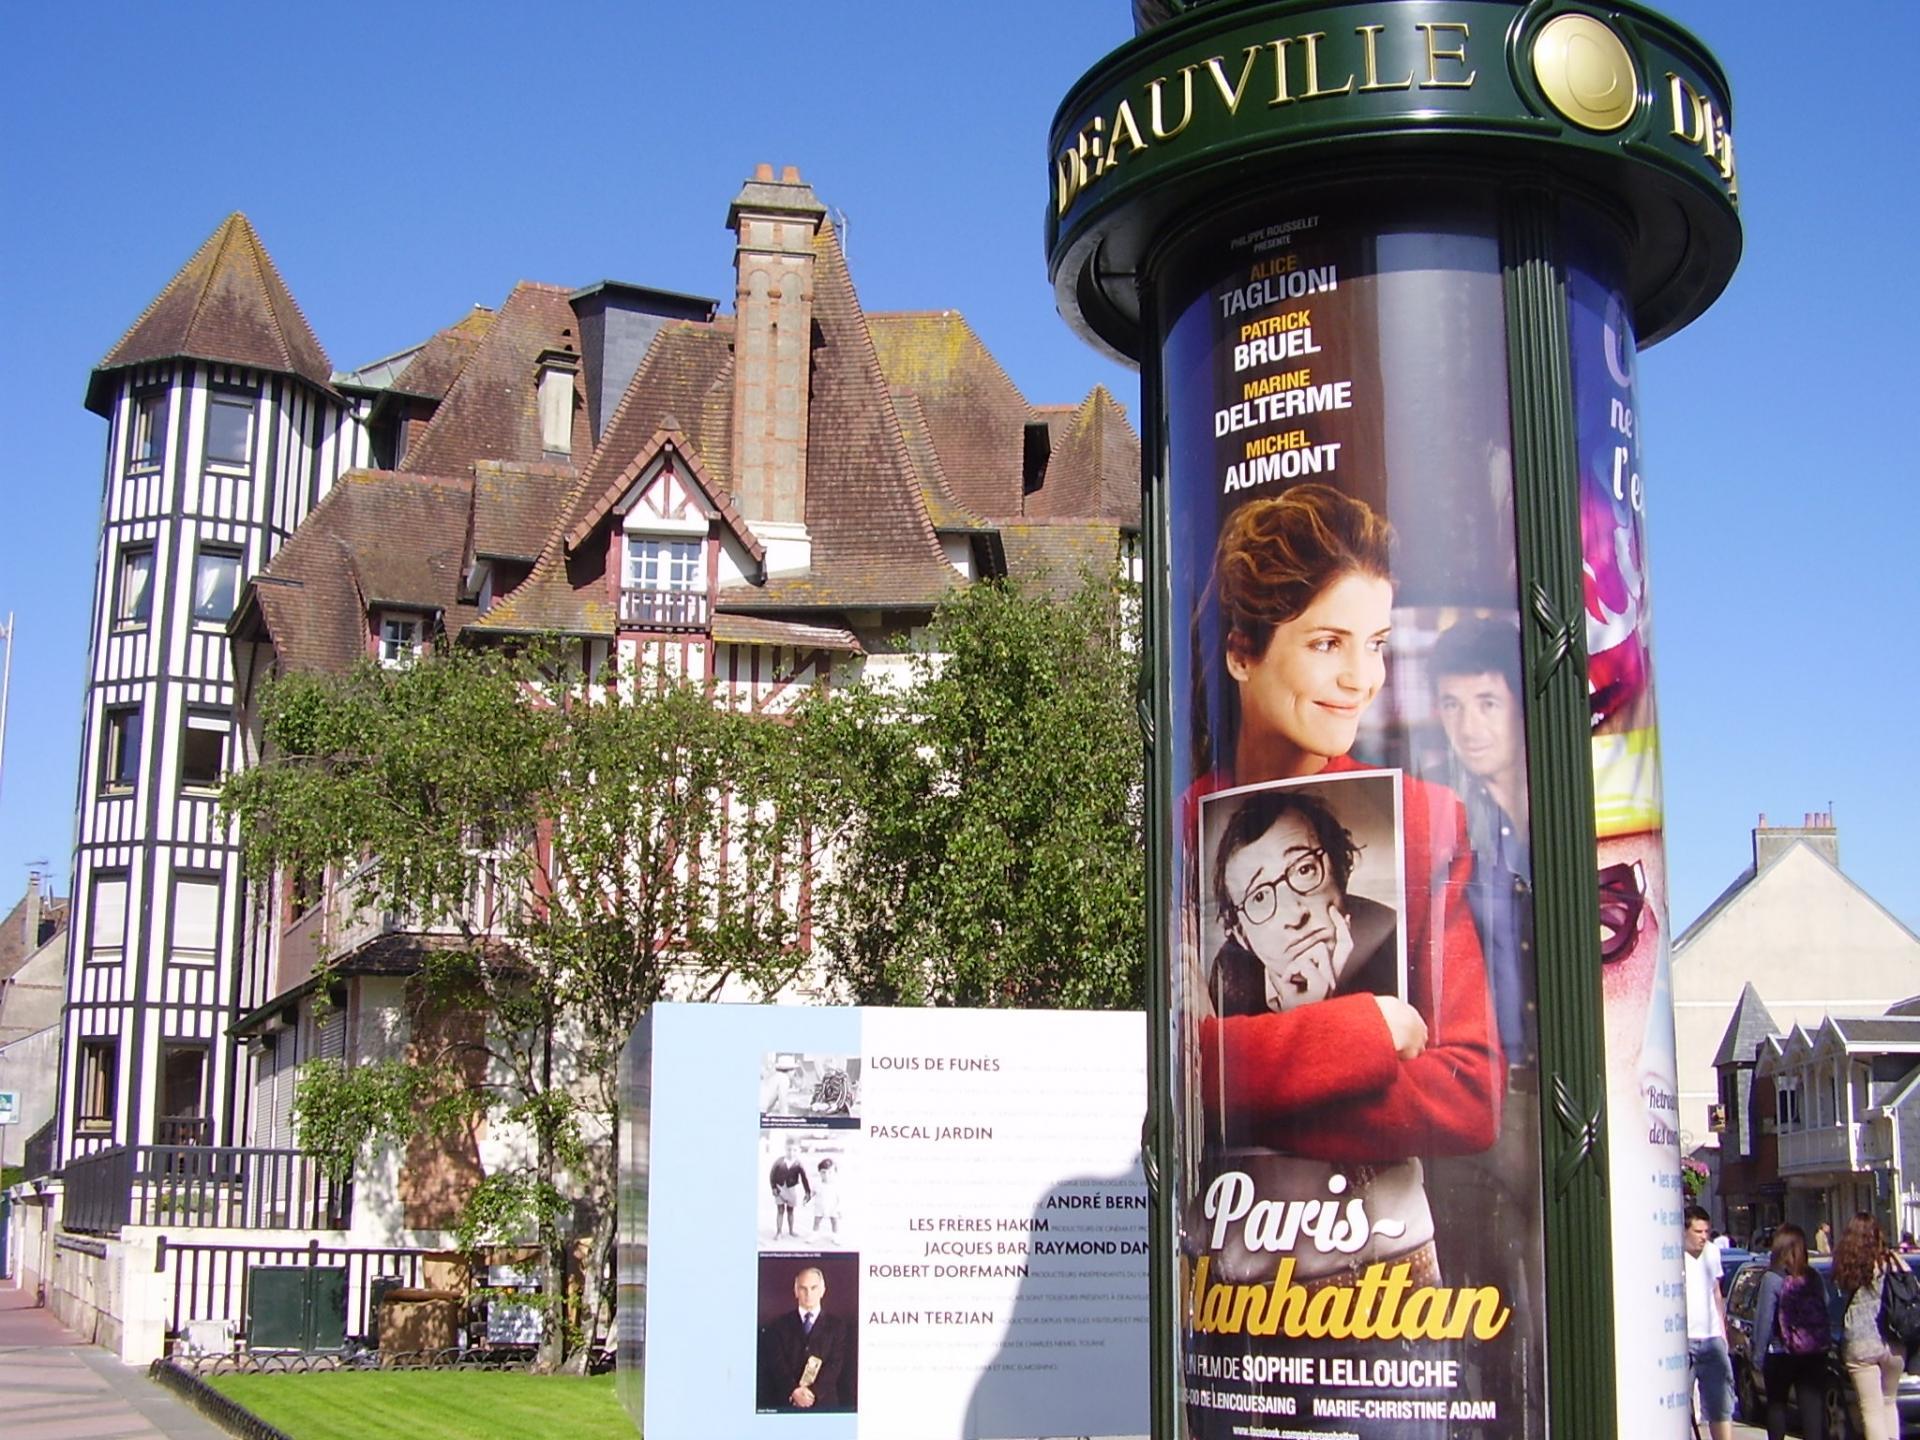 Deauville1